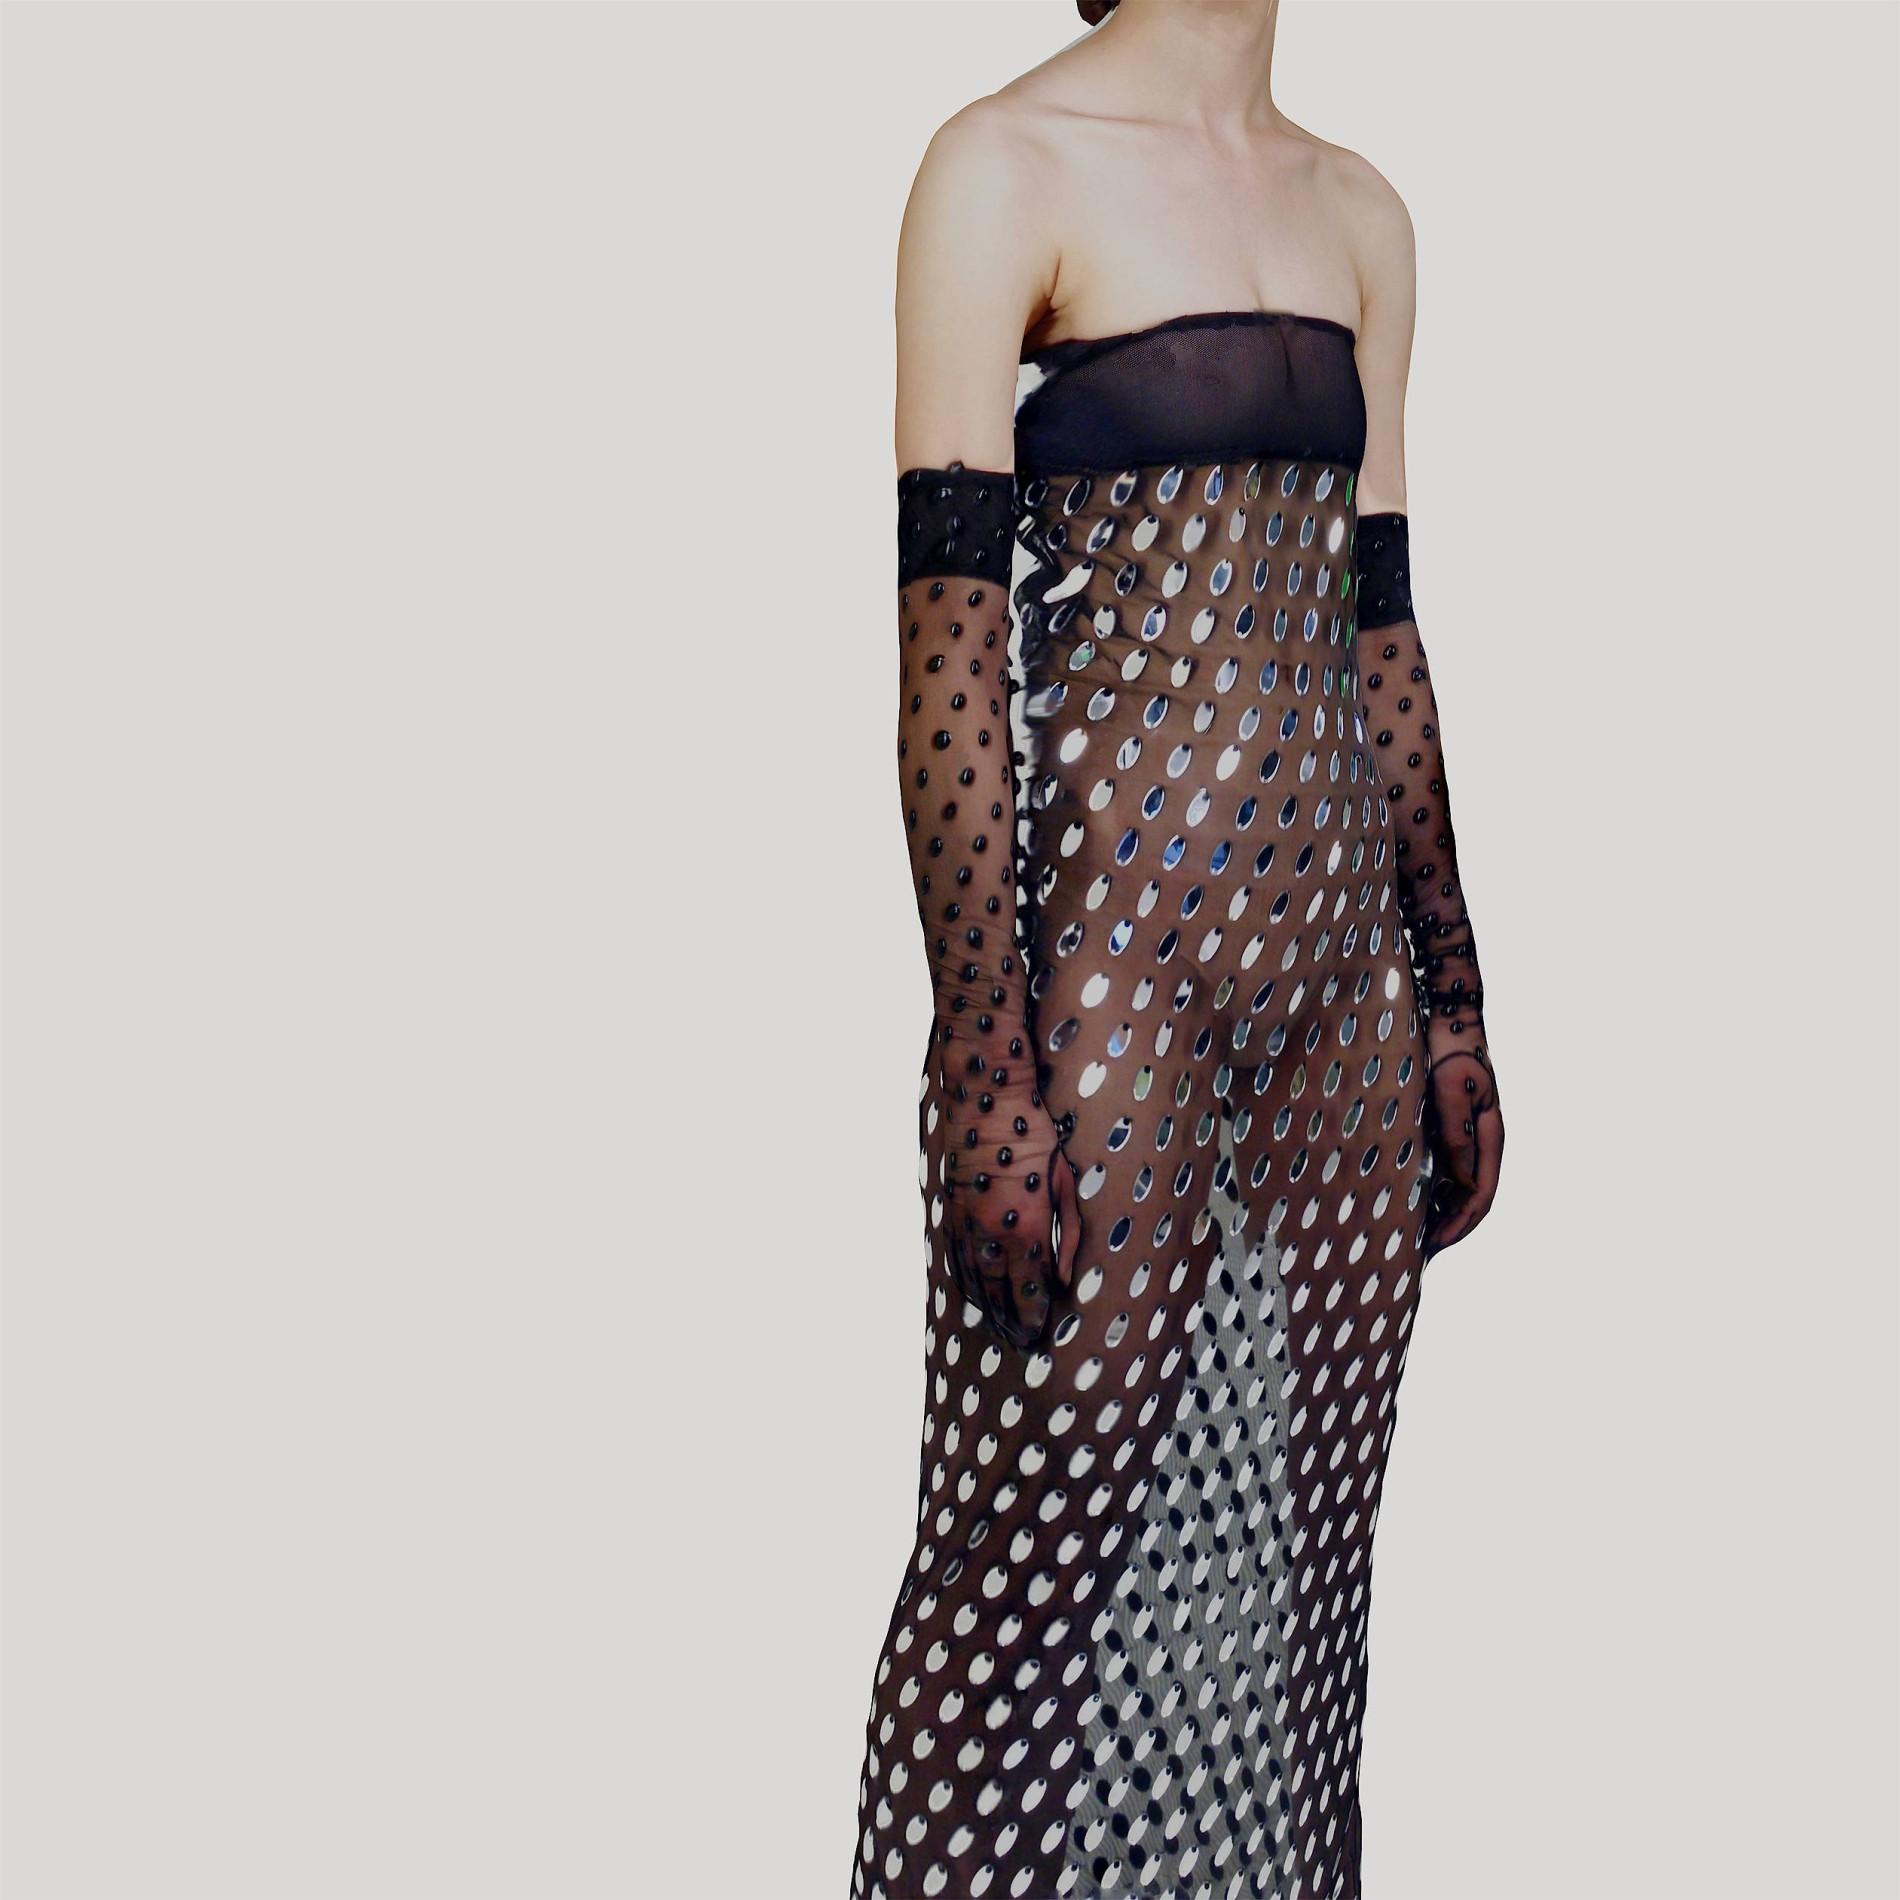 computergenerierte kleider: die zukunft der mode liegt im